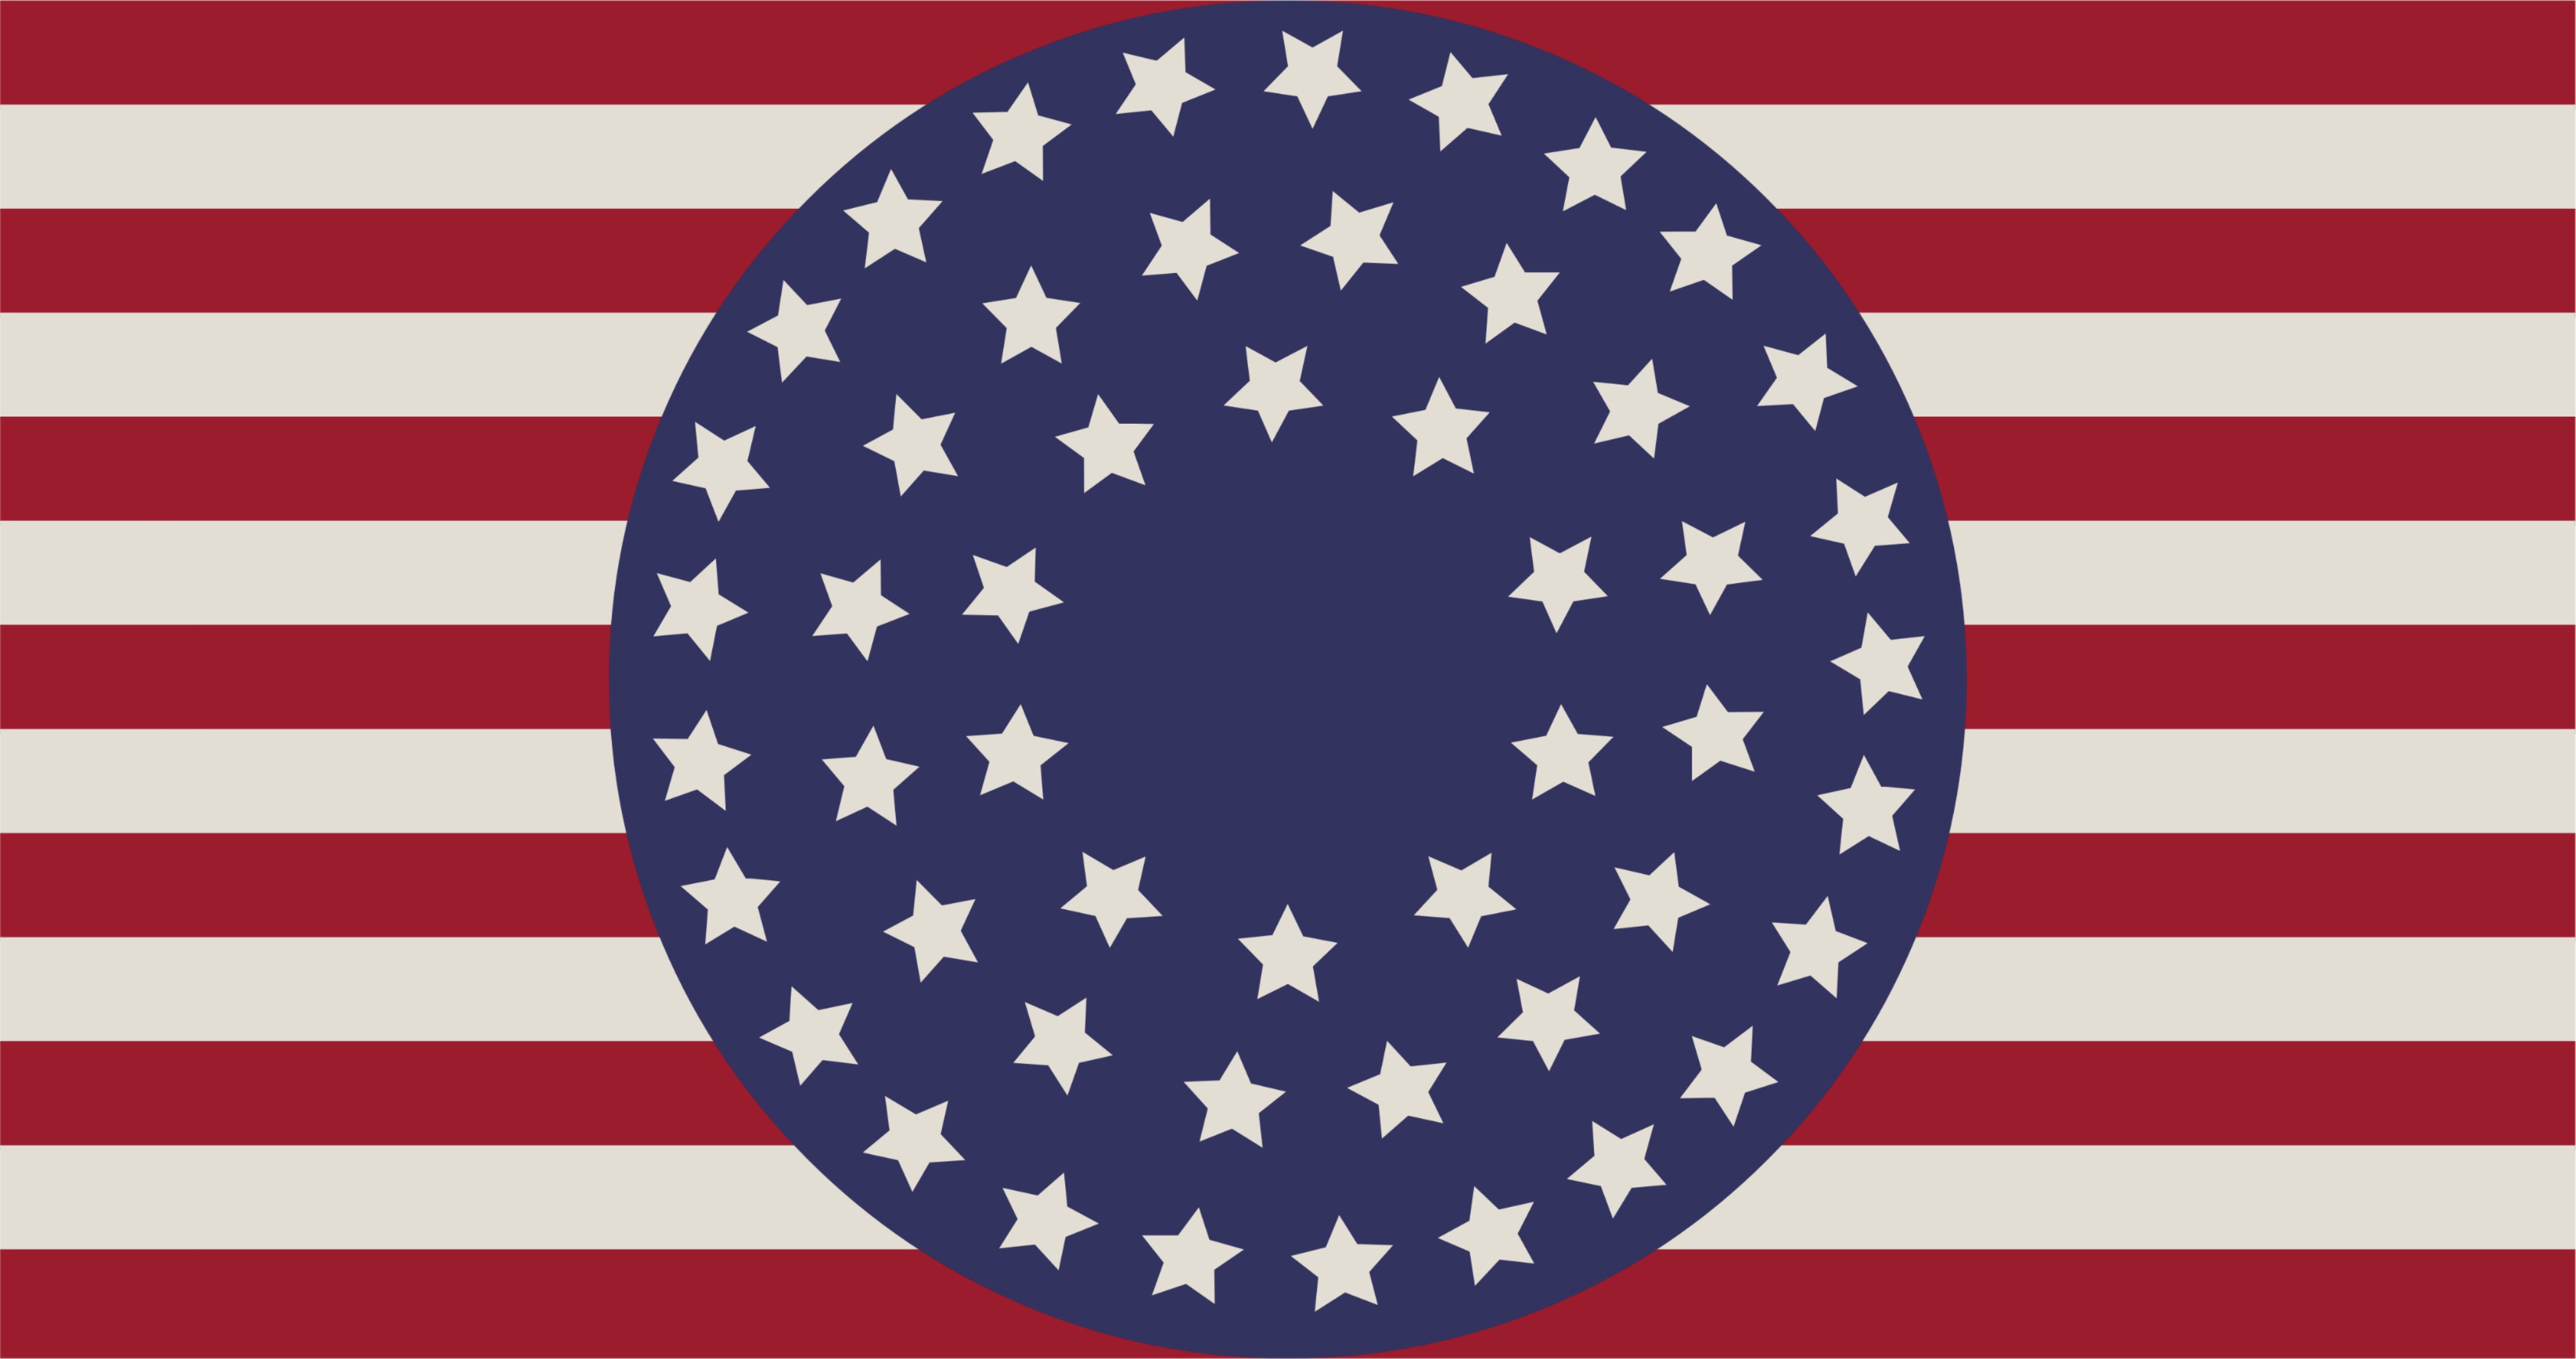 porque los colores dela bandera de estados unidos